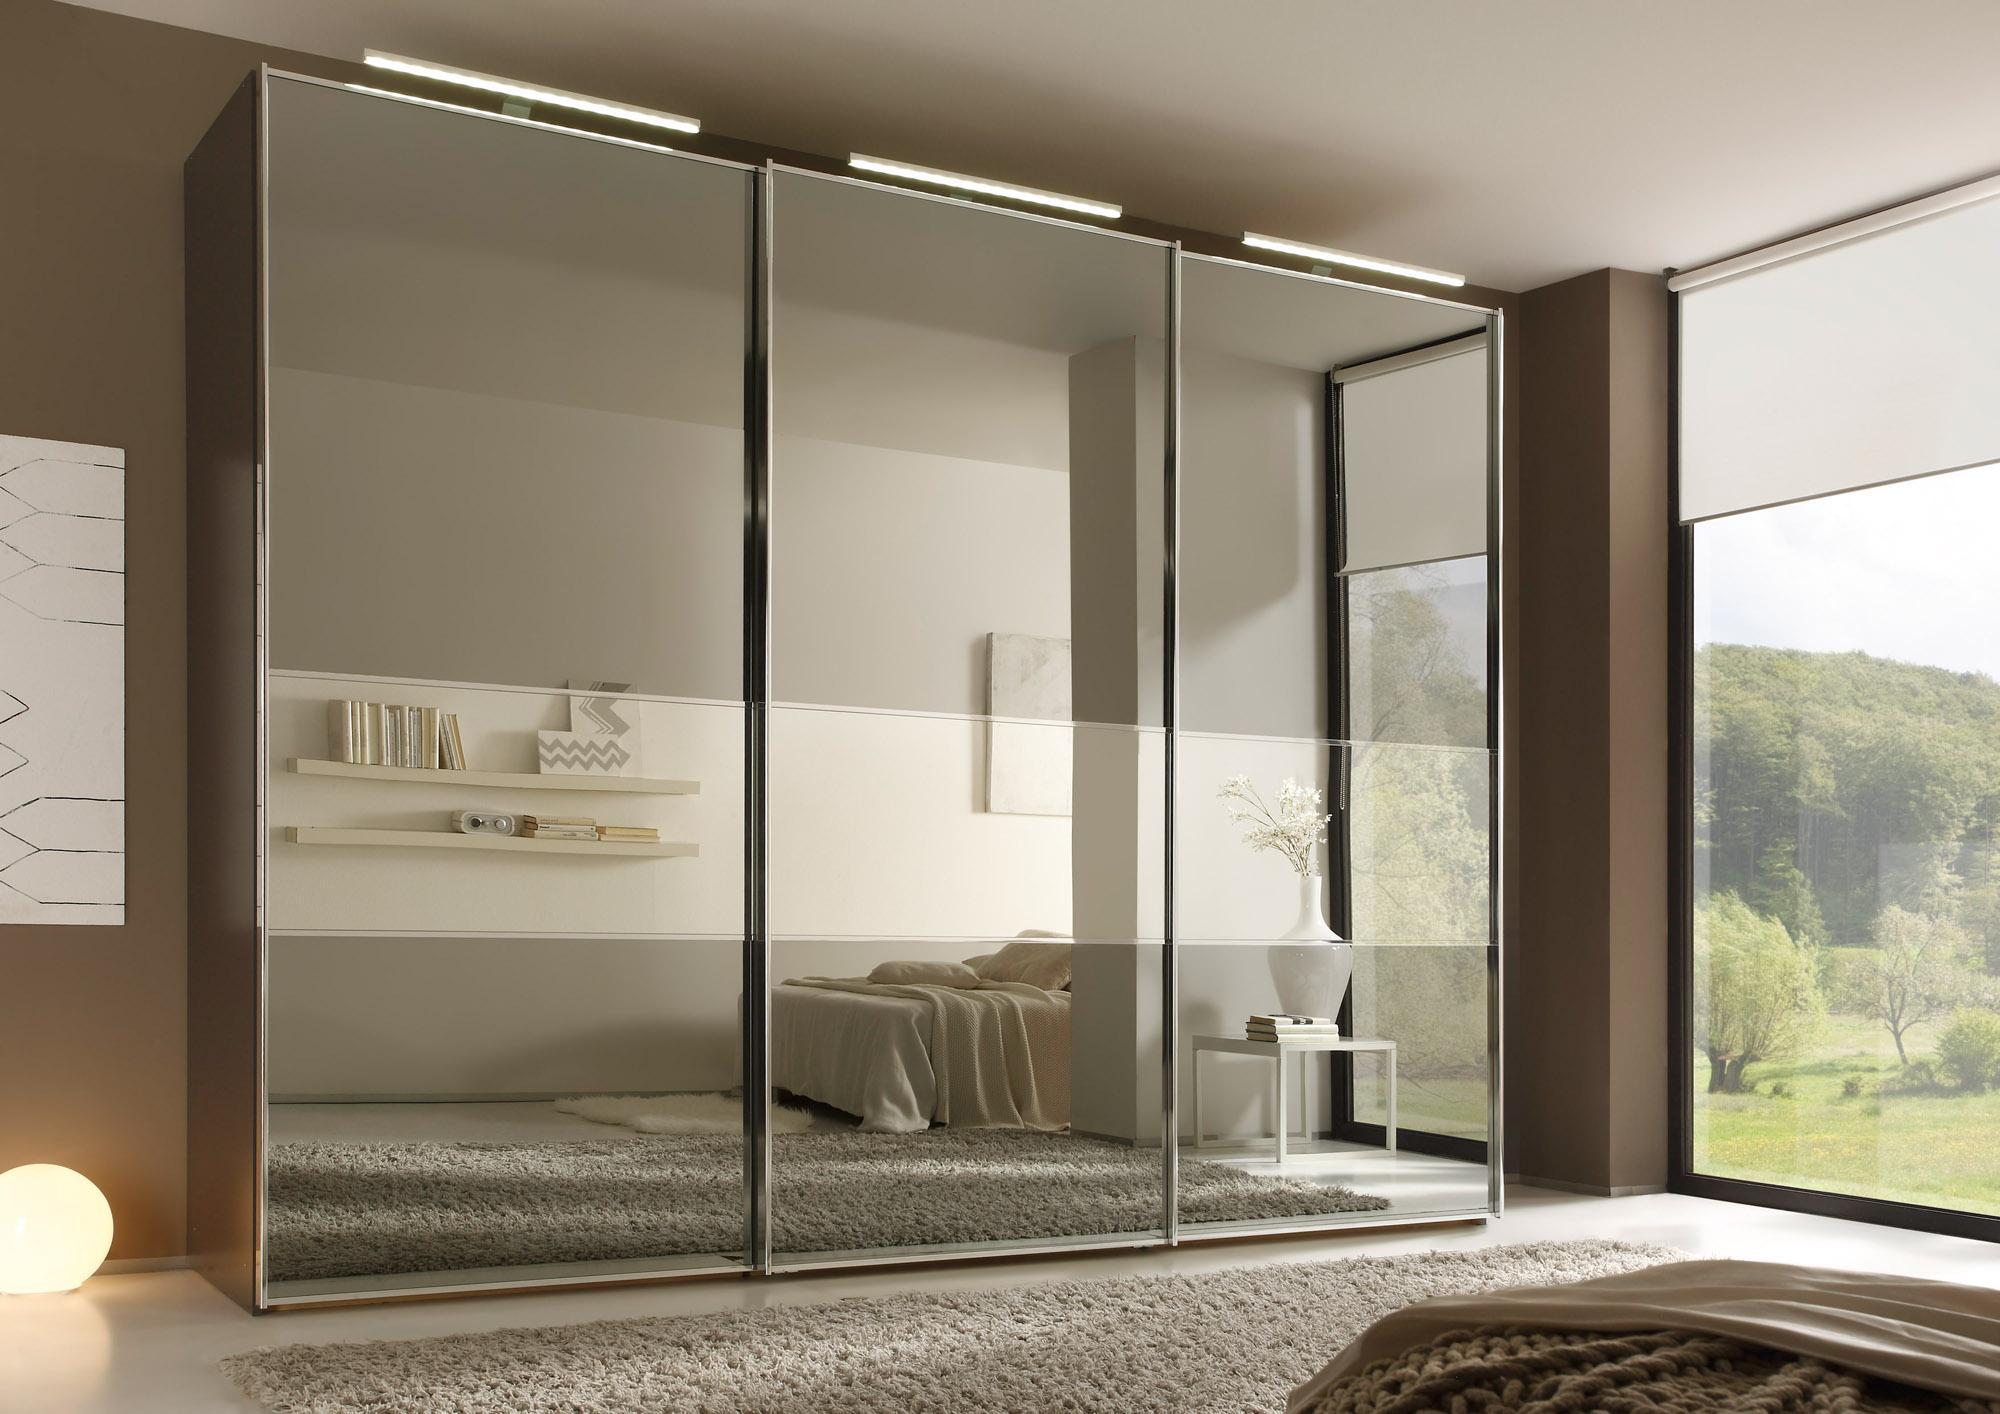 gro er kleiderschrank mit spiegel abodyissue. Black Bedroom Furniture Sets. Home Design Ideas